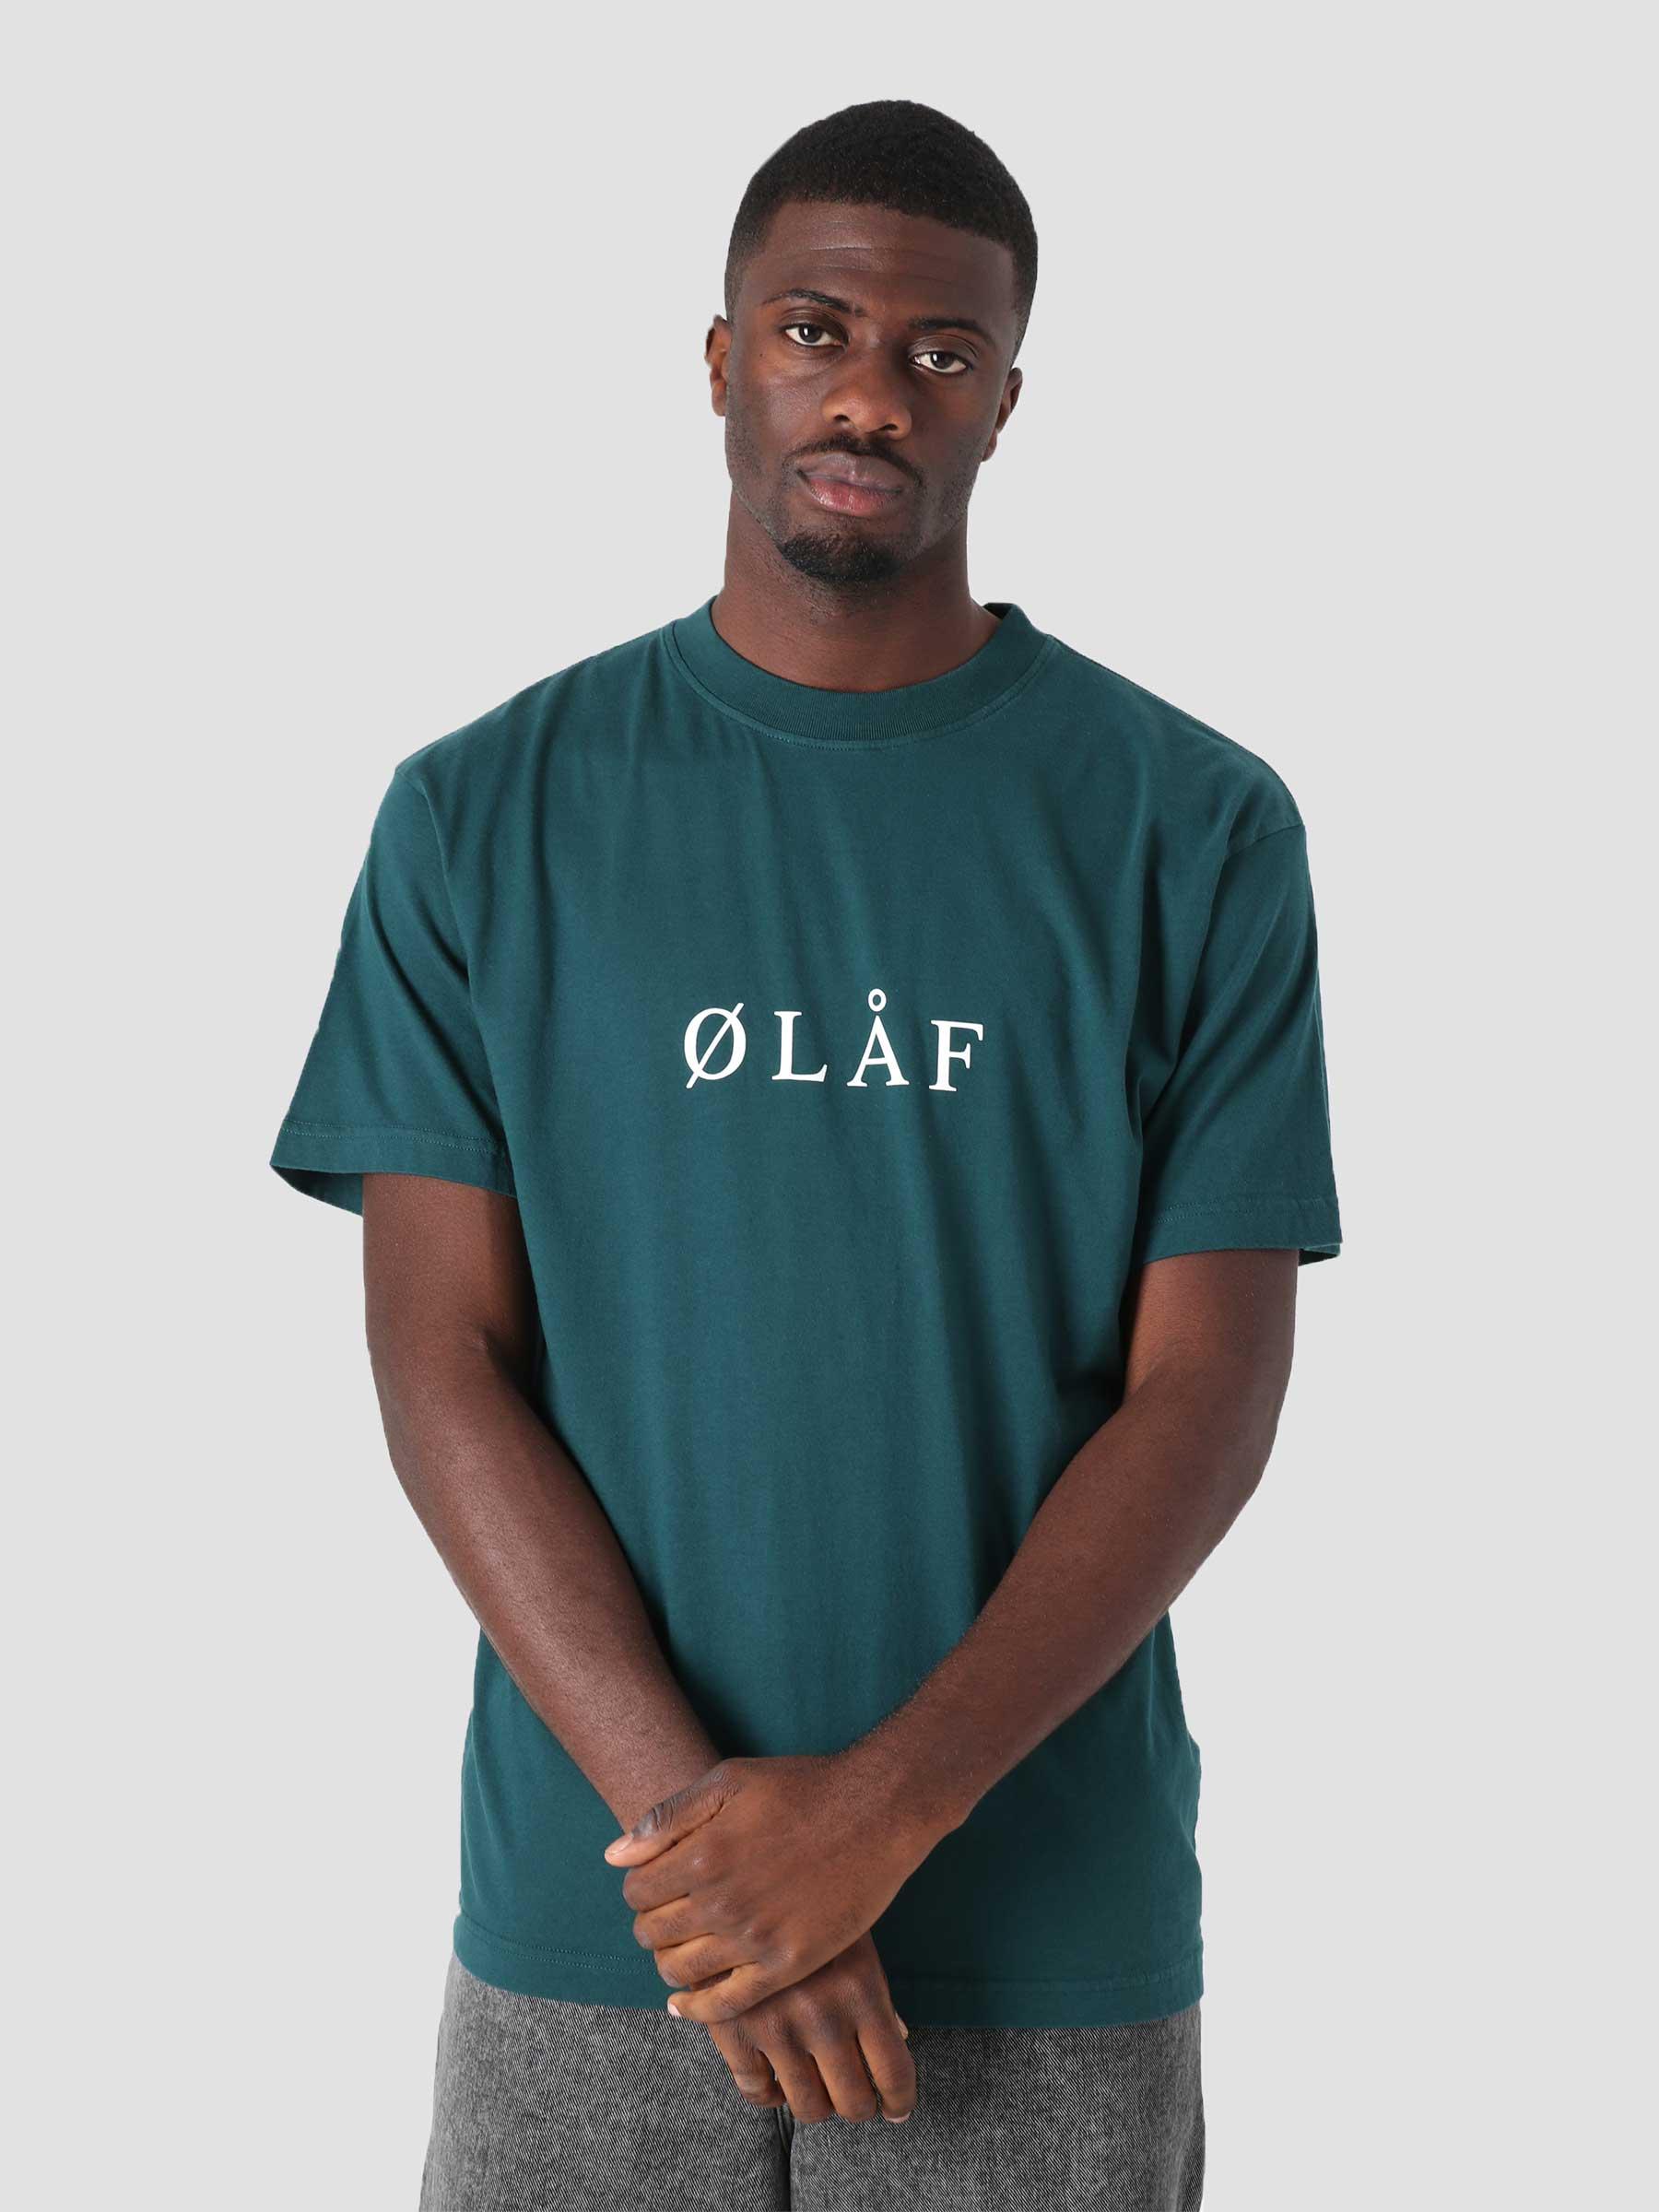 OLAF Serif T-Shirt Petrol